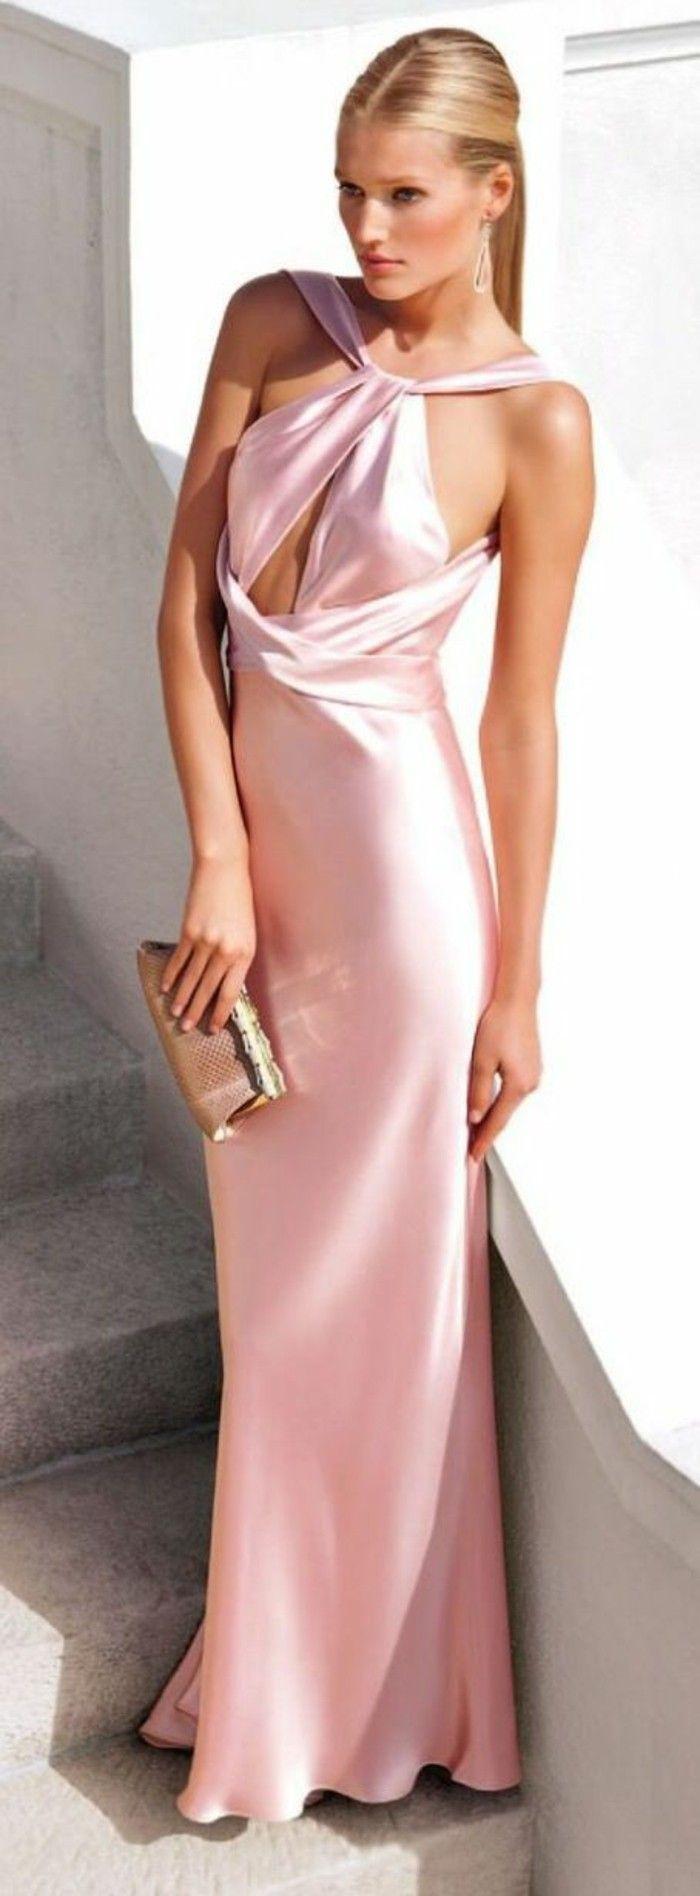 Elegante Kleider Für Ihre Besondere Anlässe | Rosa Samtkleid